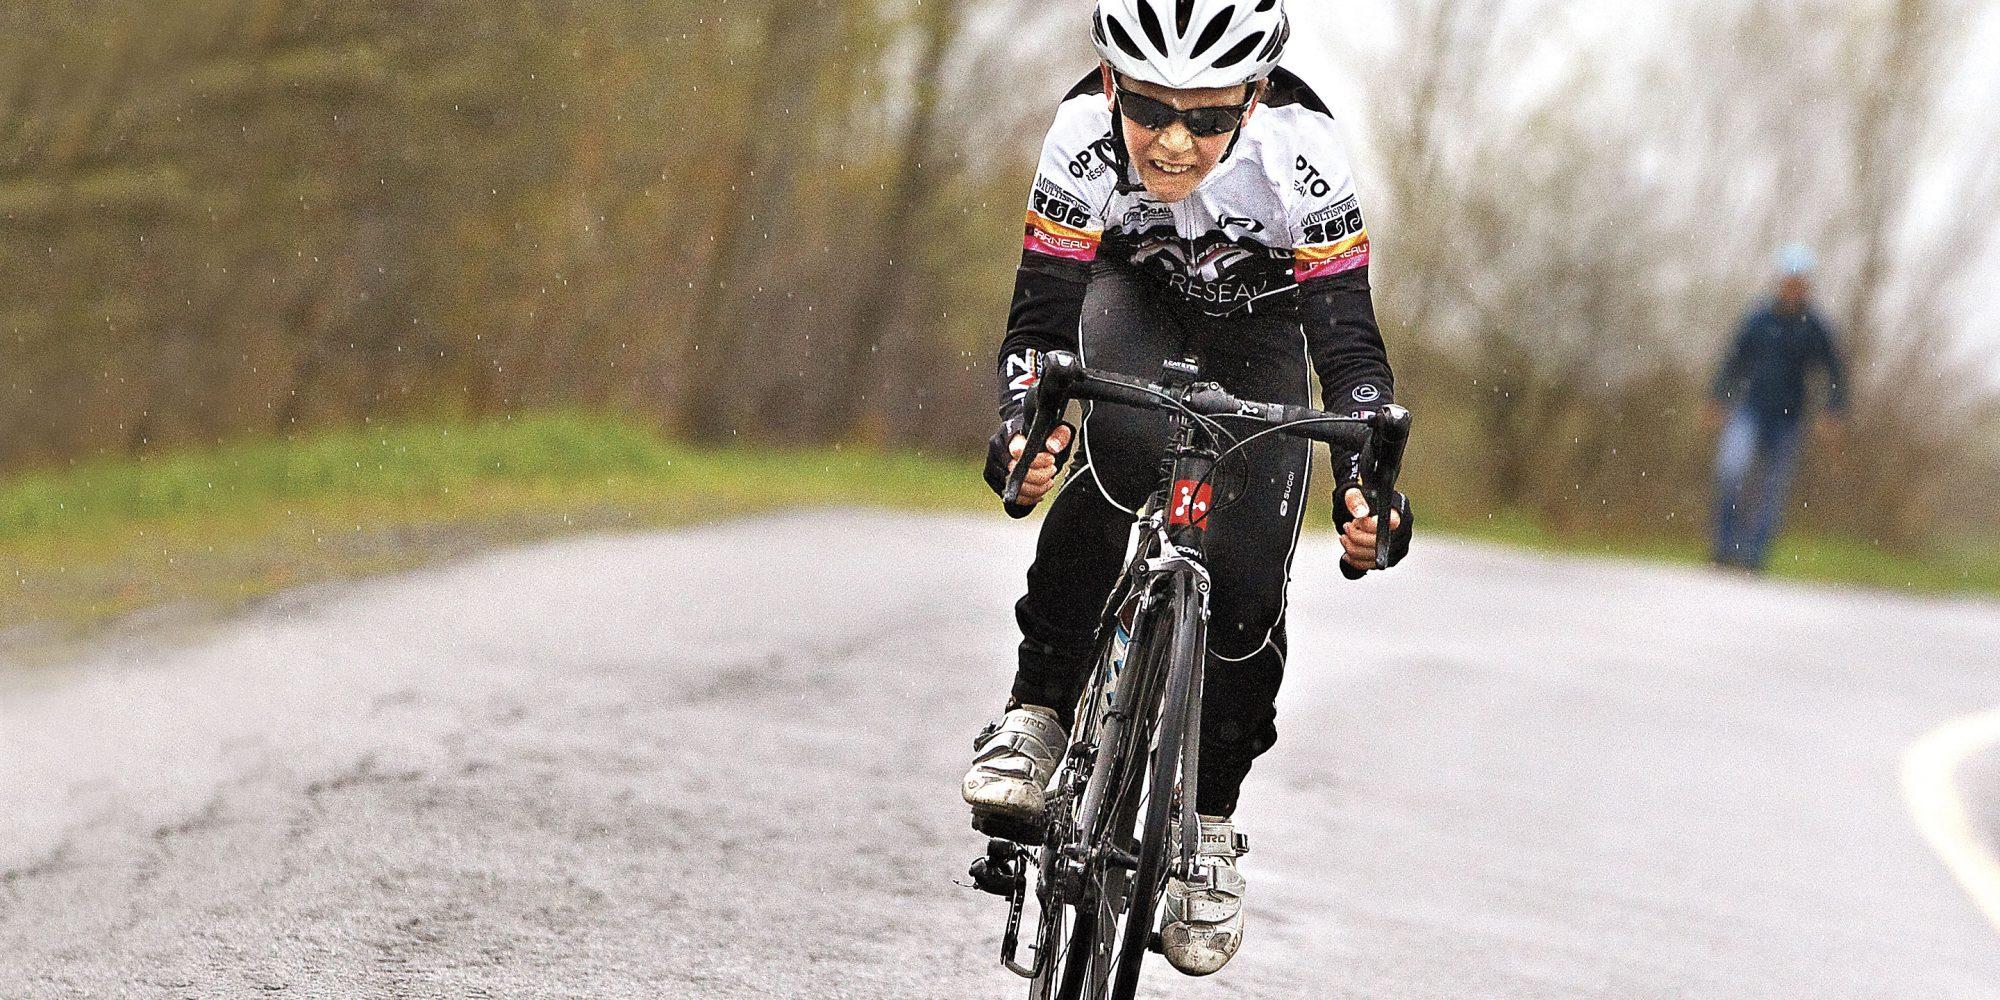 William Bourbonnais, coureur cycliste : L'homme à battre